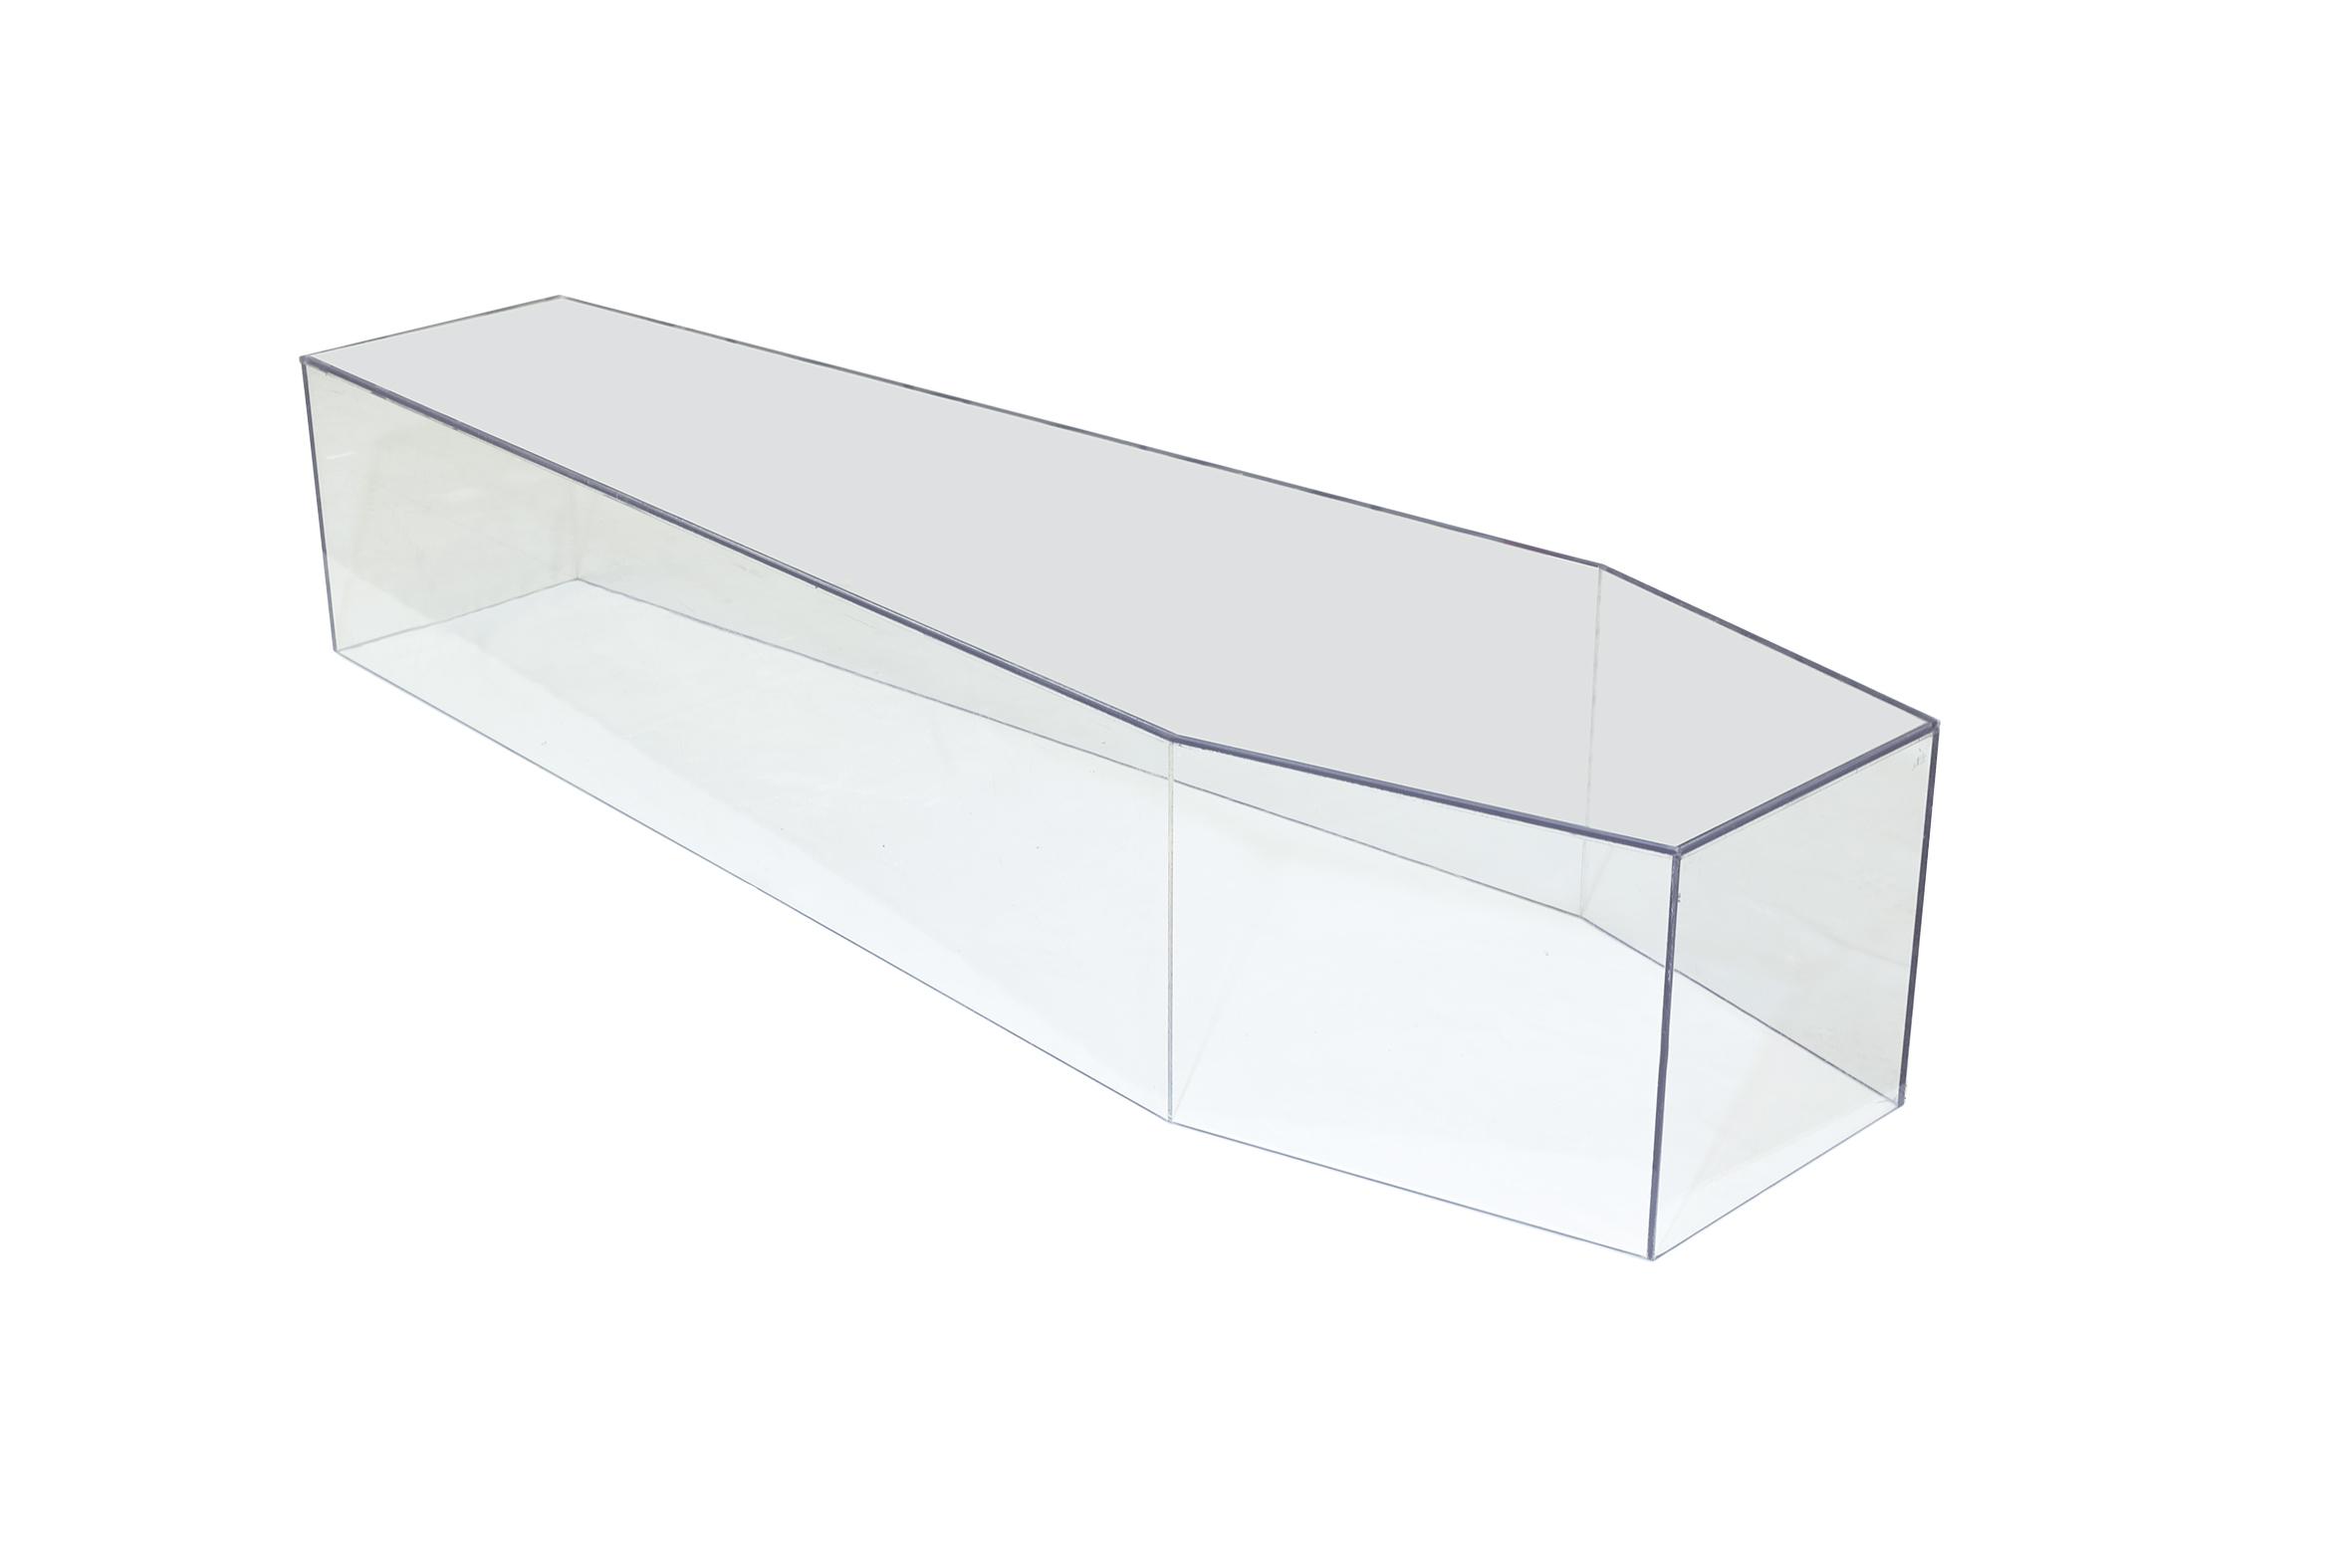 Plexiglas coffin (no lid) € 250,- - Buy